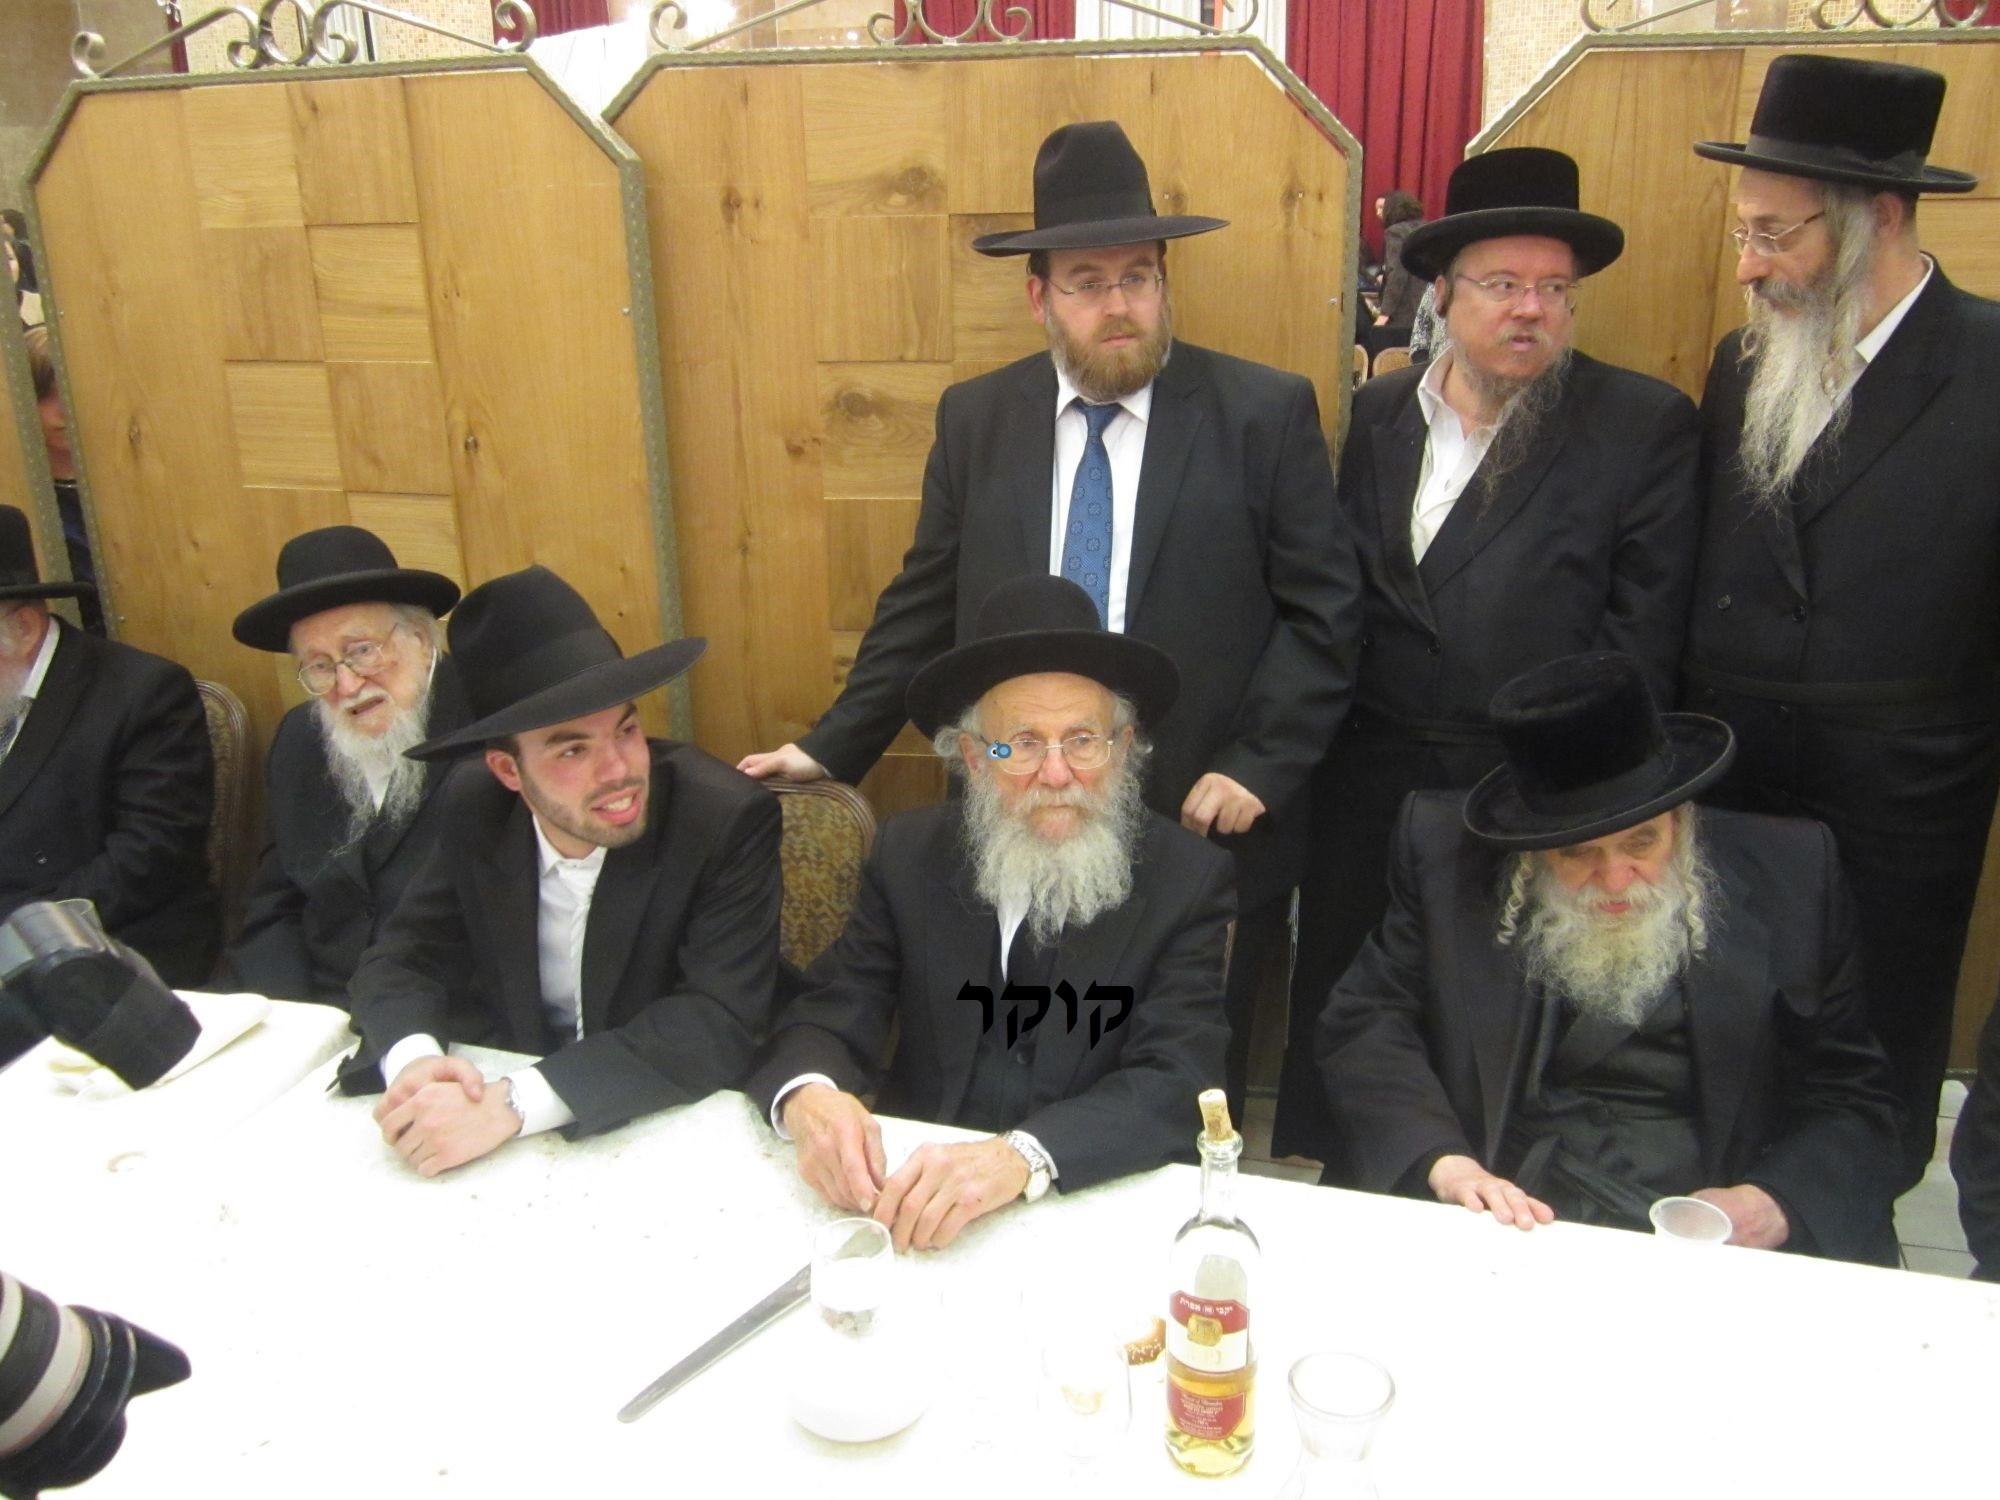 אדמו''ר מ טשערנוביל מטשערנוביל, חתונה, הרב יעקב אדלשטיין אדלשטין (5)